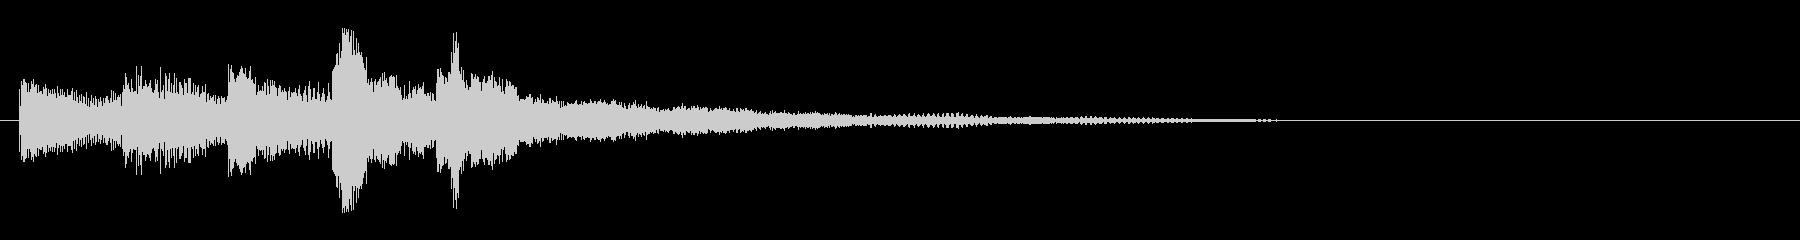 KANT シンセアイキャッチ011095の未再生の波形